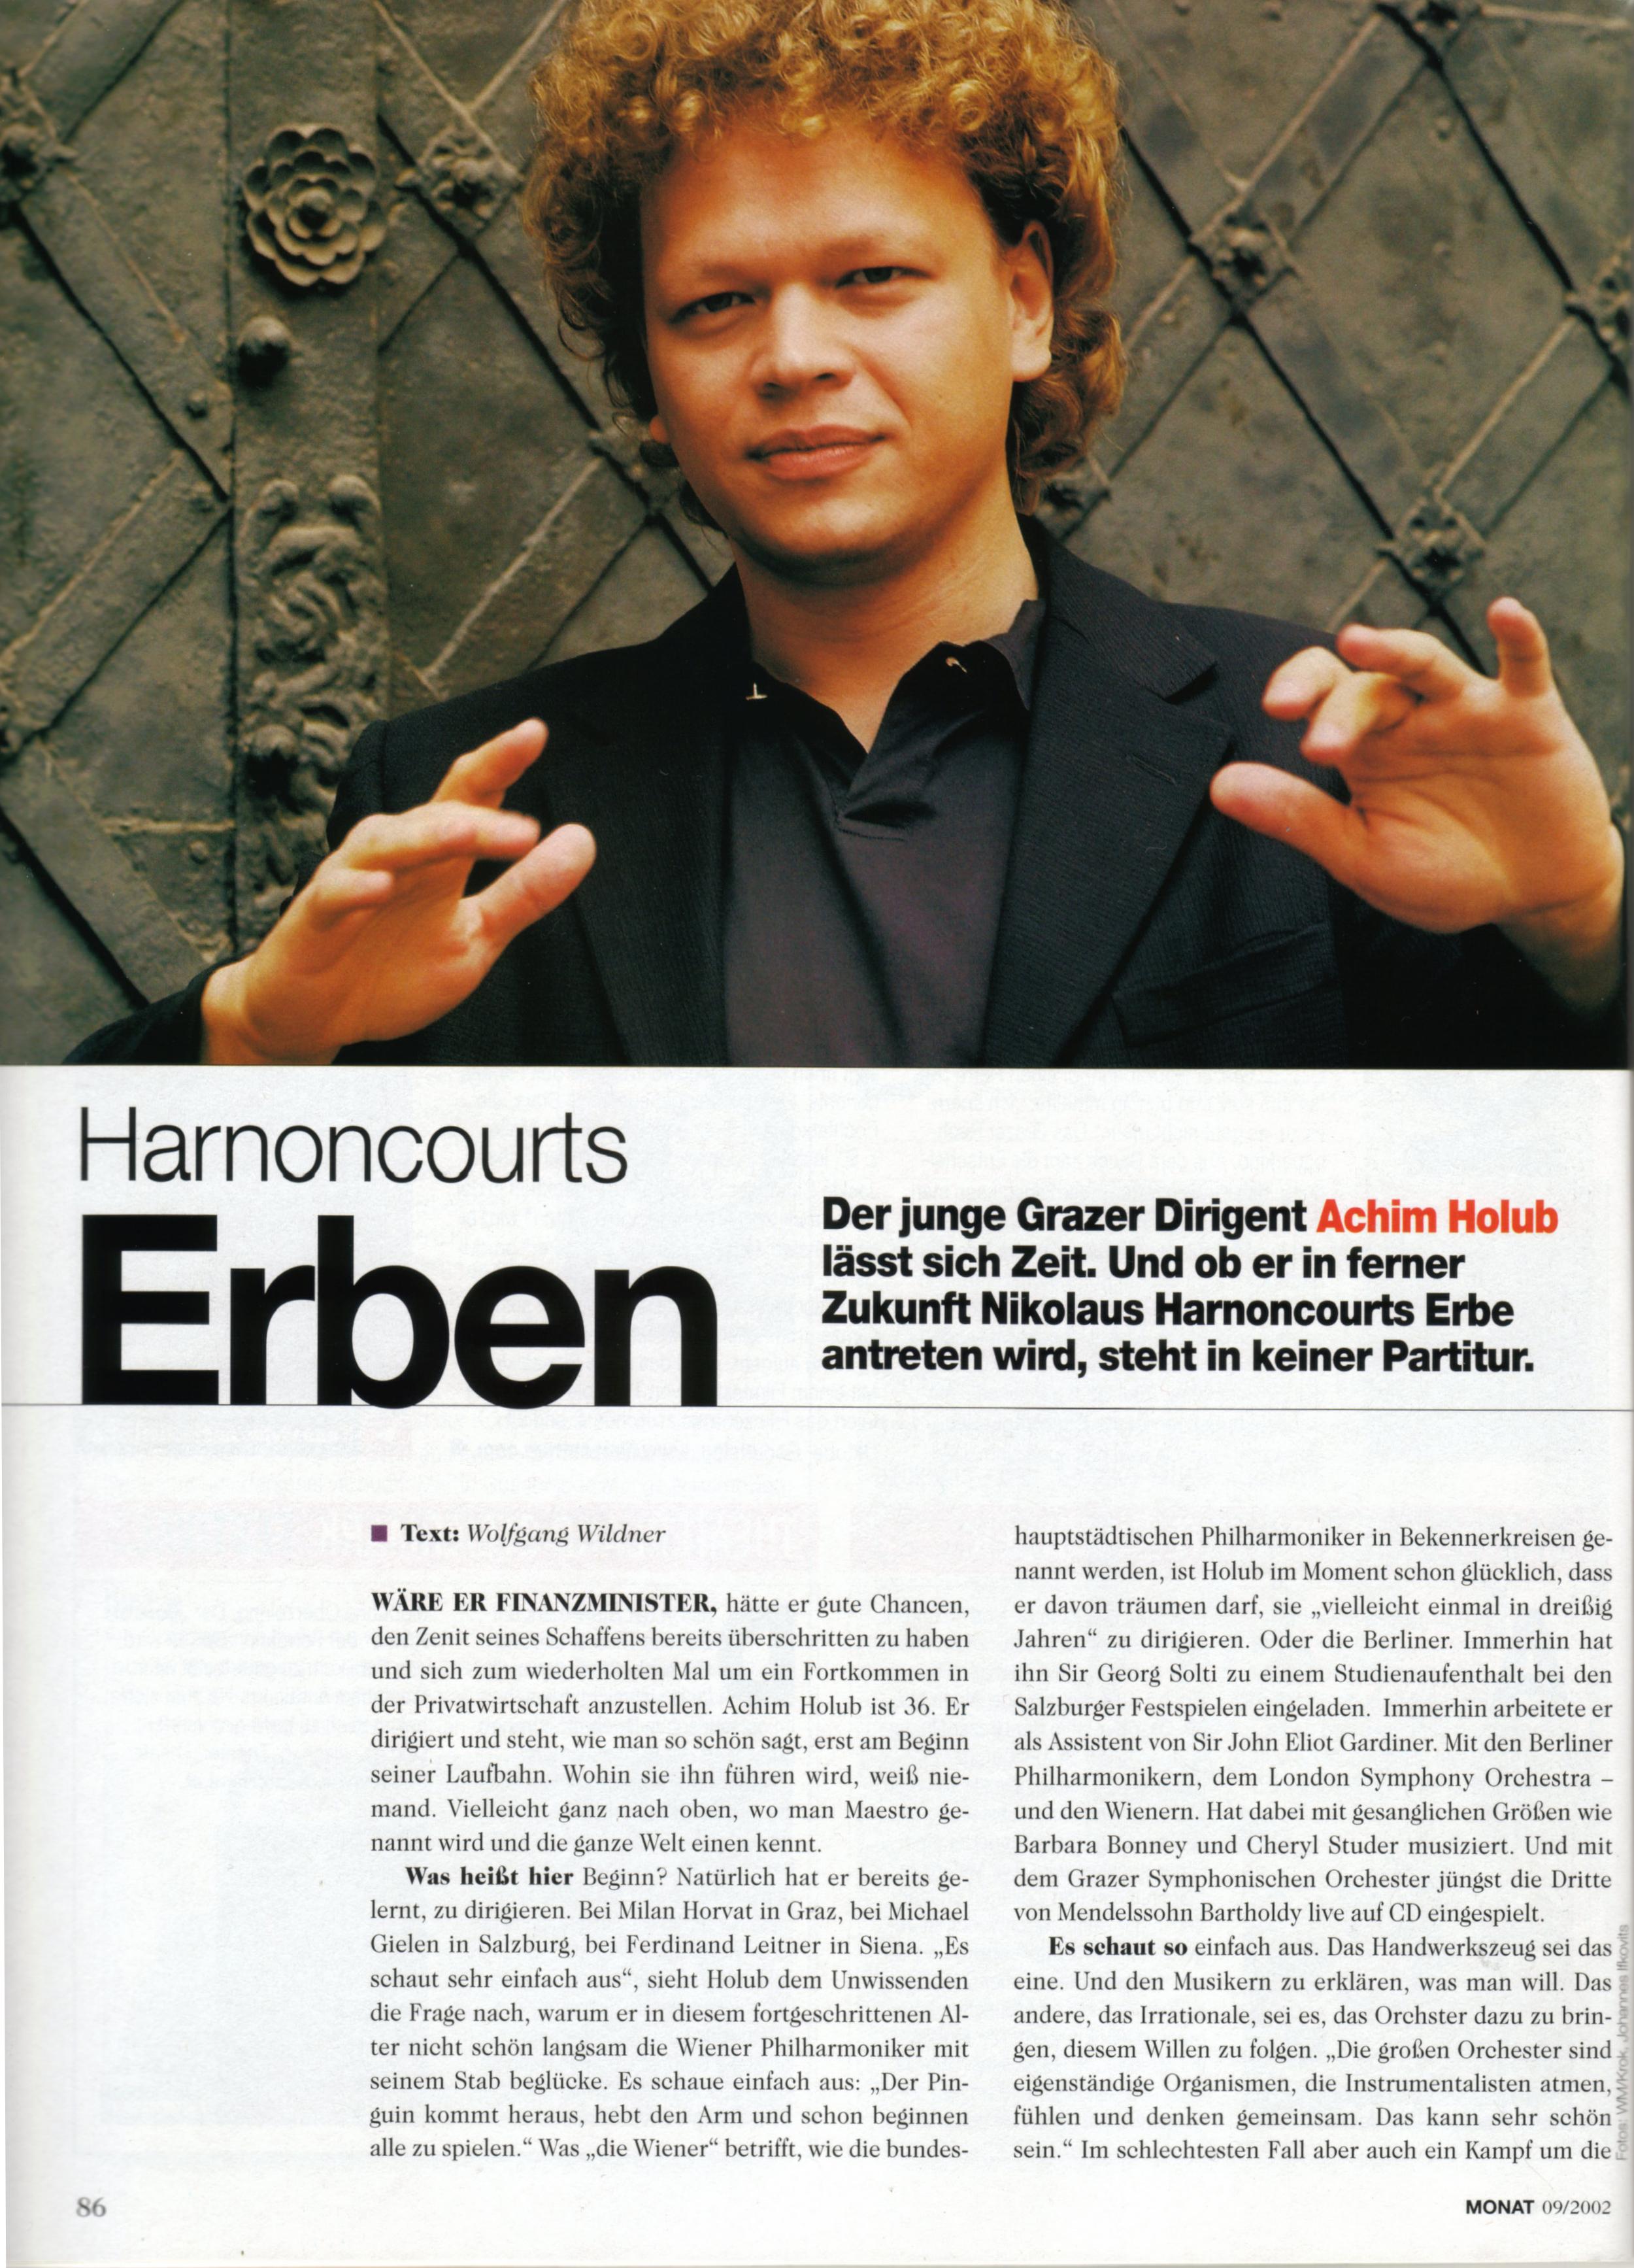 2002 - SM - Harnoncourts Erben I [ausgeschnitten] - 2512x3486.jpg